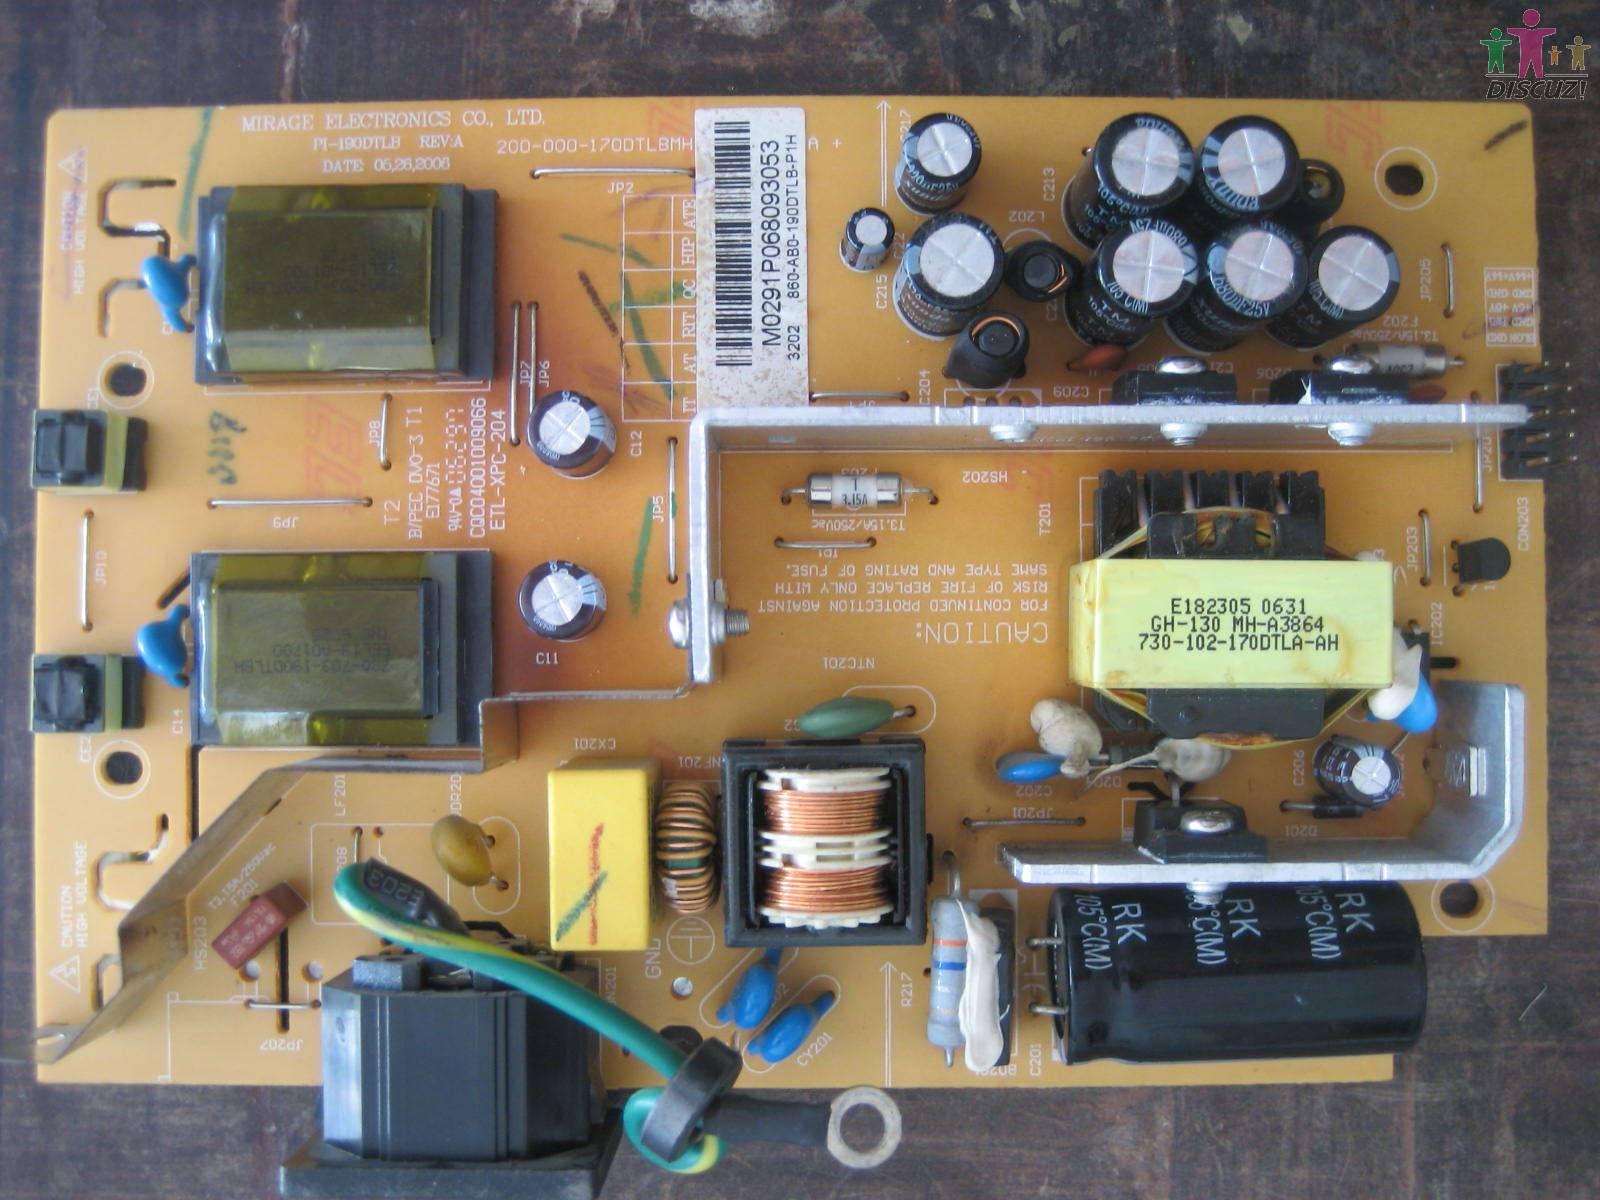 如把高压保护电路停止工作后灯还是不亮才考虑高压板及电源电路